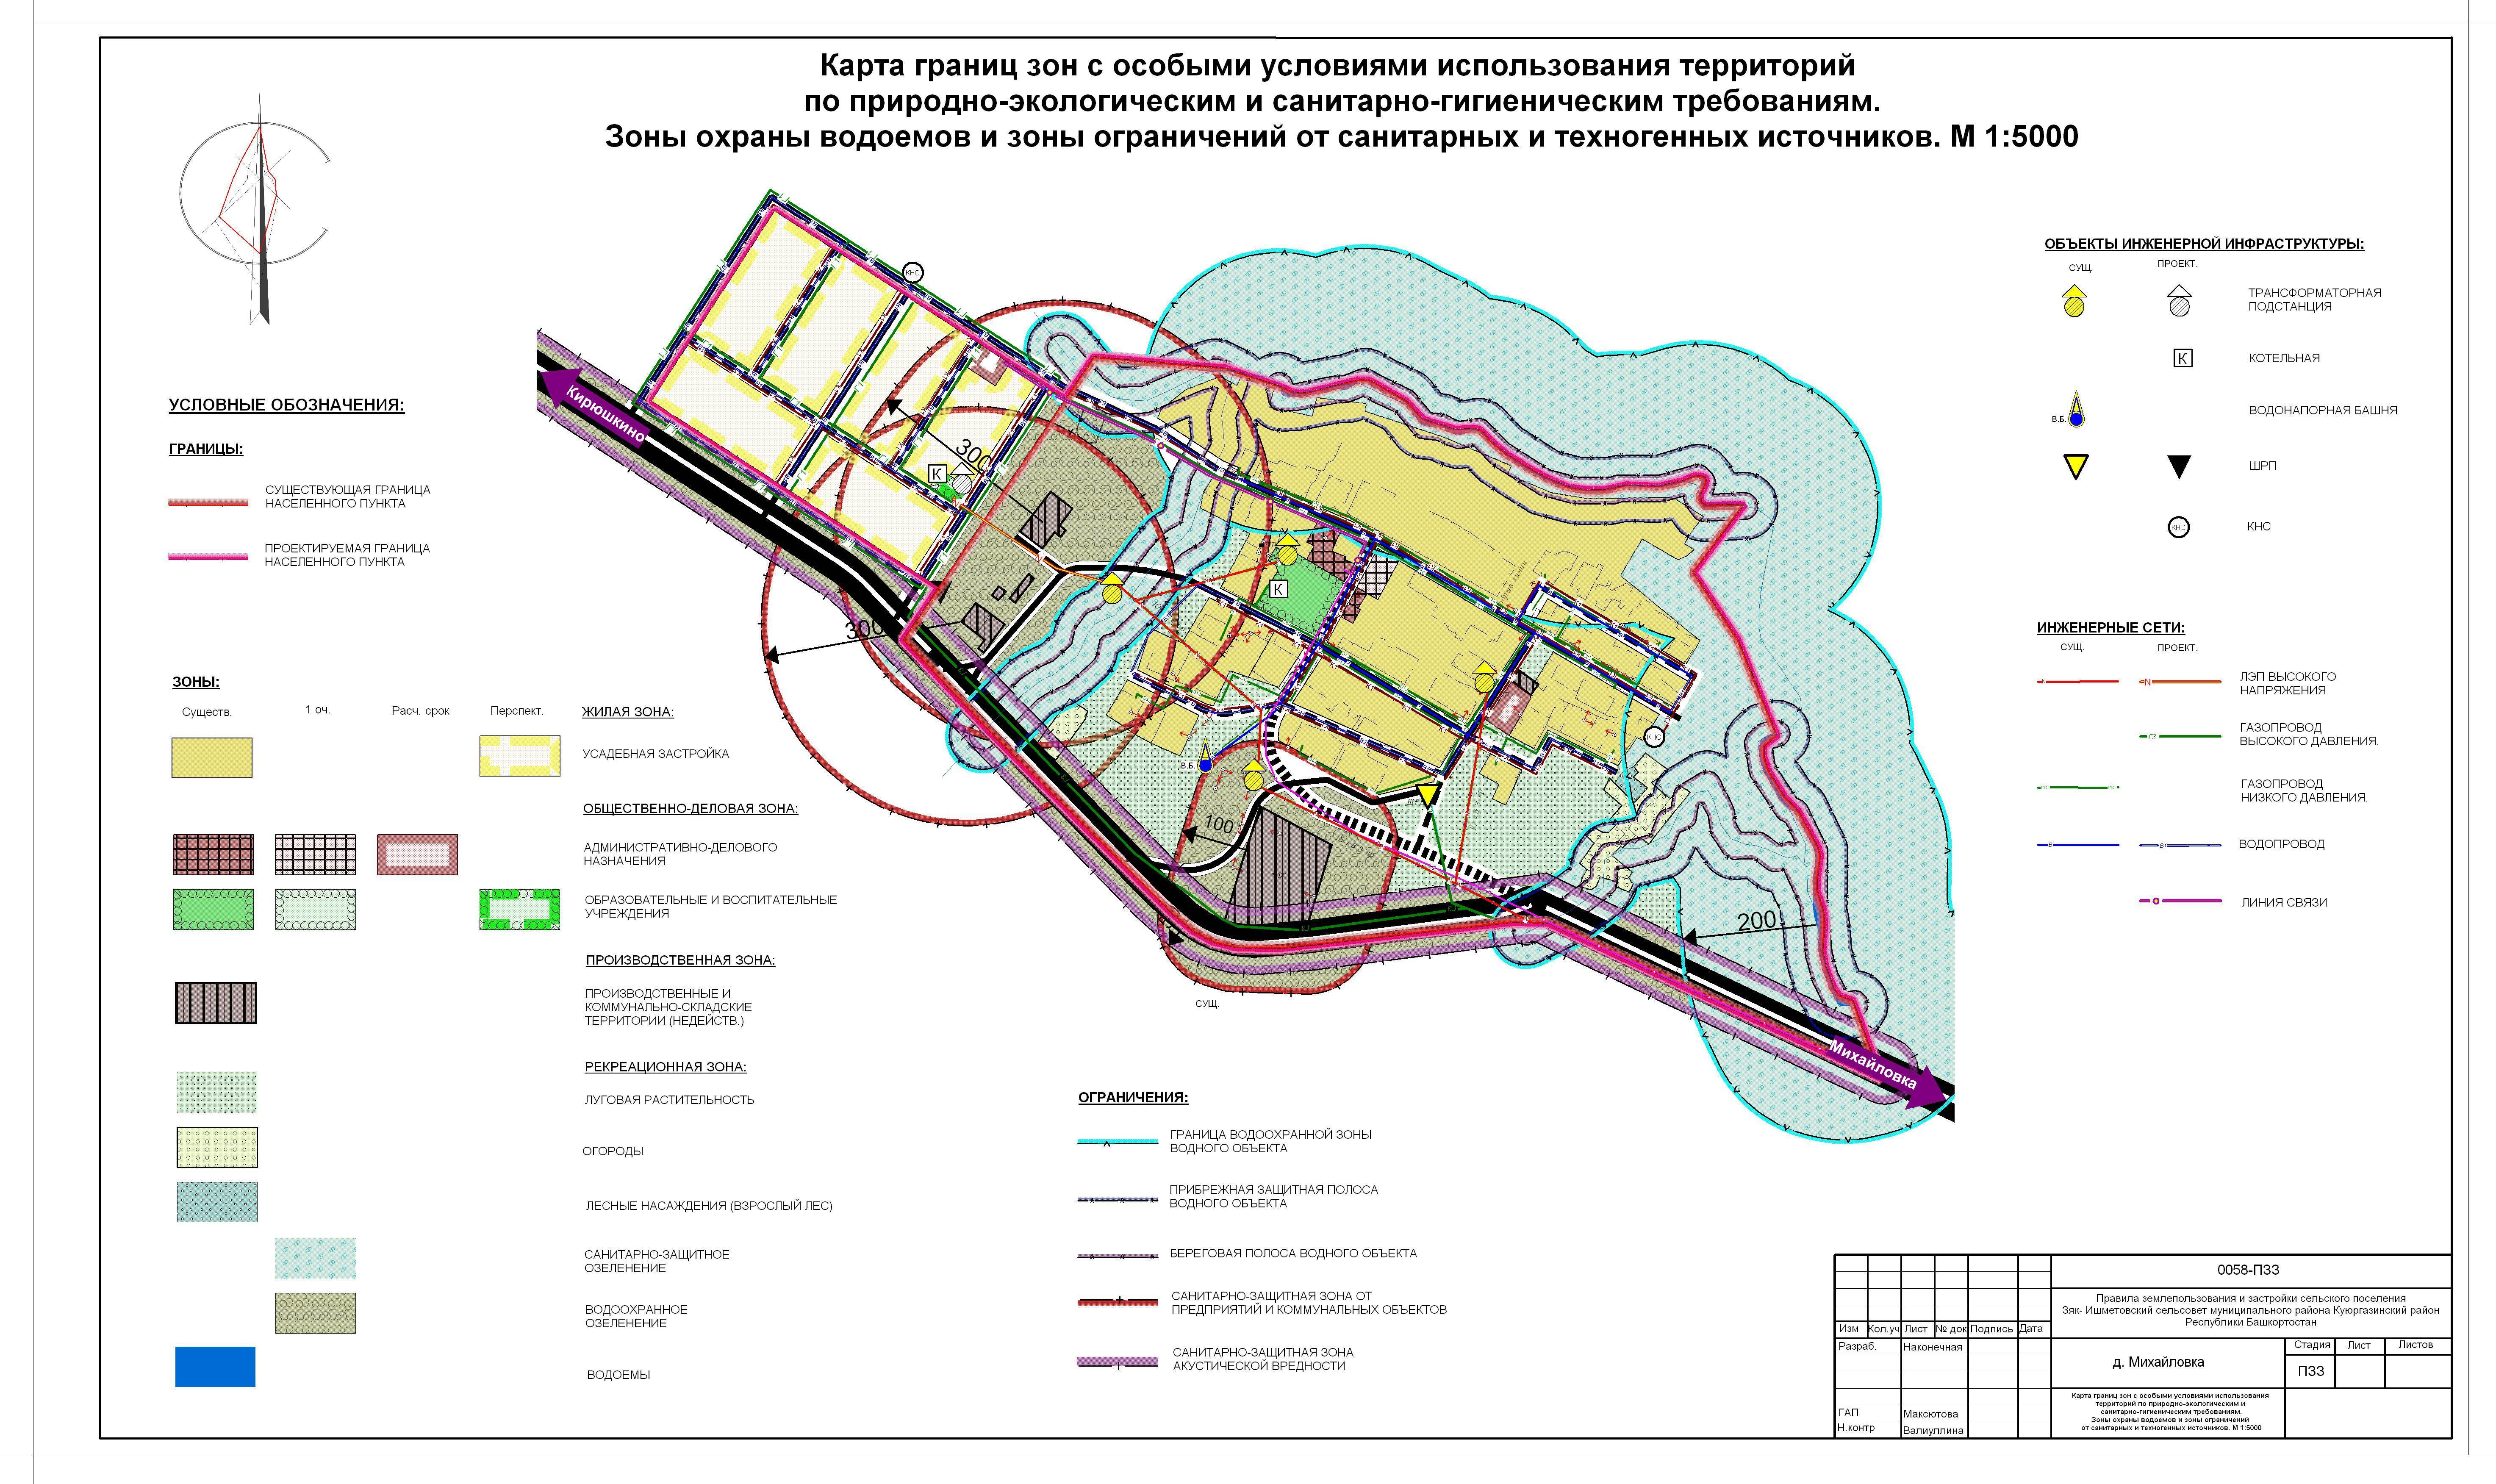 Охранная зона ливневой канализации: снип 2.04 02 84, сколько метров